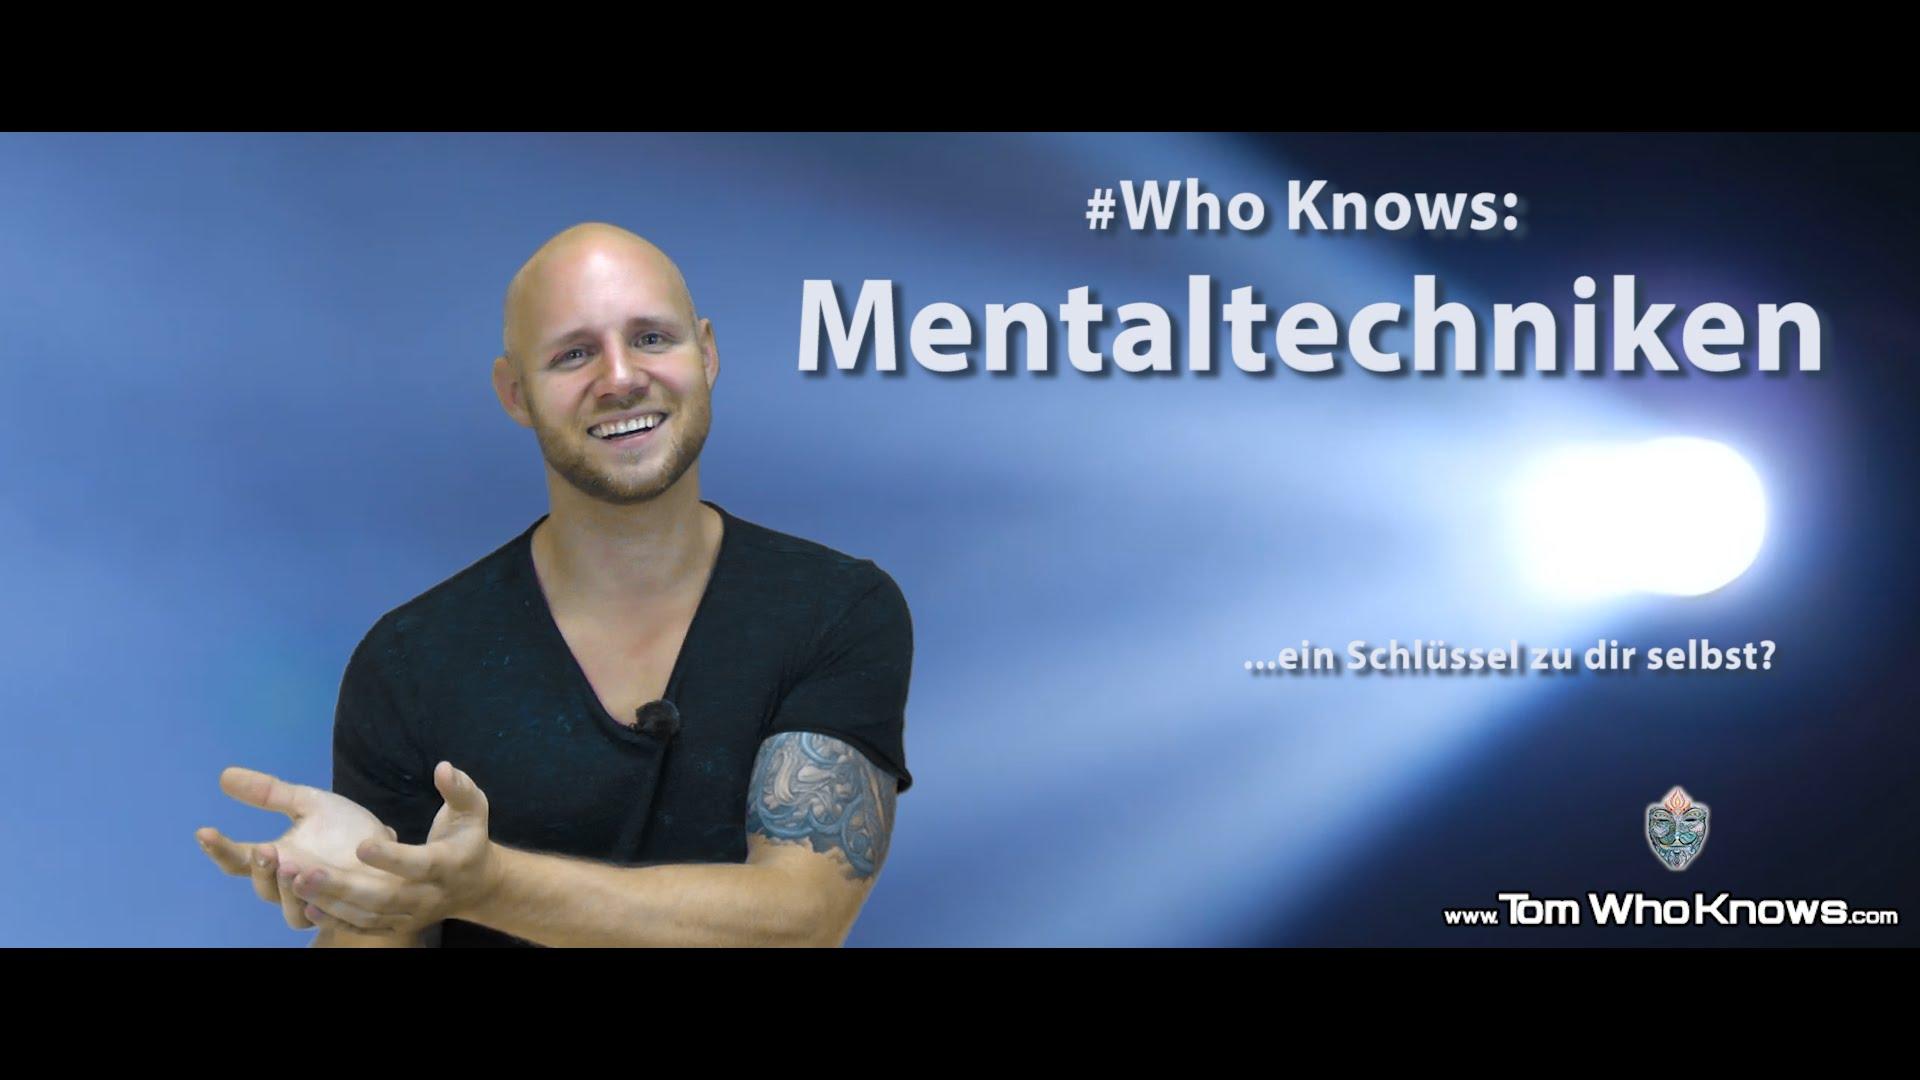 Warum könnten Mentaltechniken ein Schlüssel zu dir selbst sein?